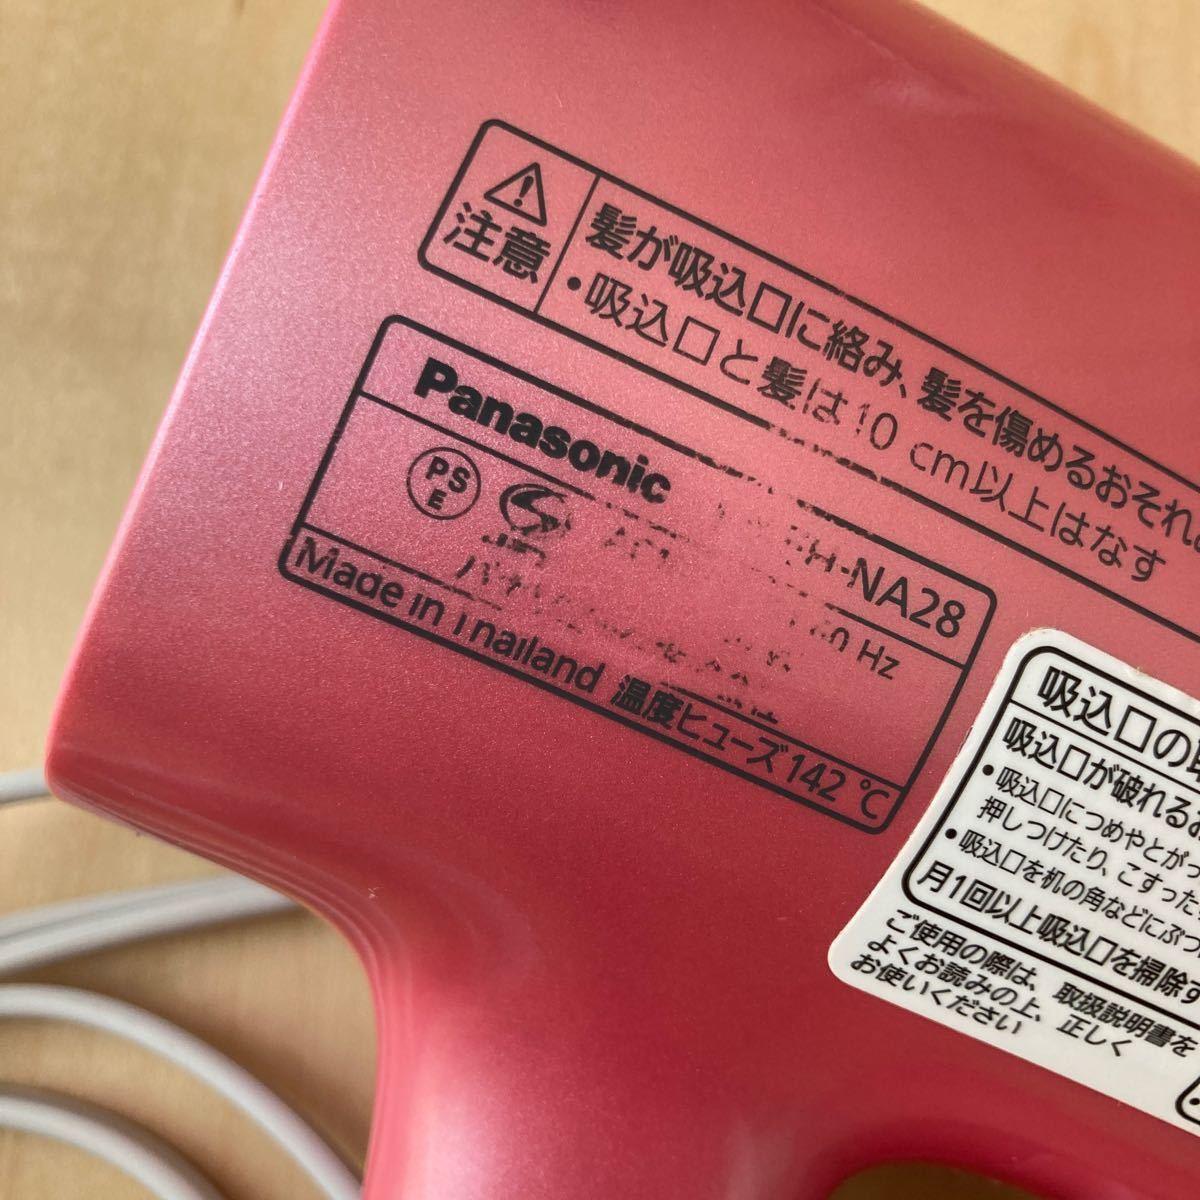 Panasonic ナノケア パナソニック ヘアドライヤー nanoe ナノイー ヘアードライヤーナノケア